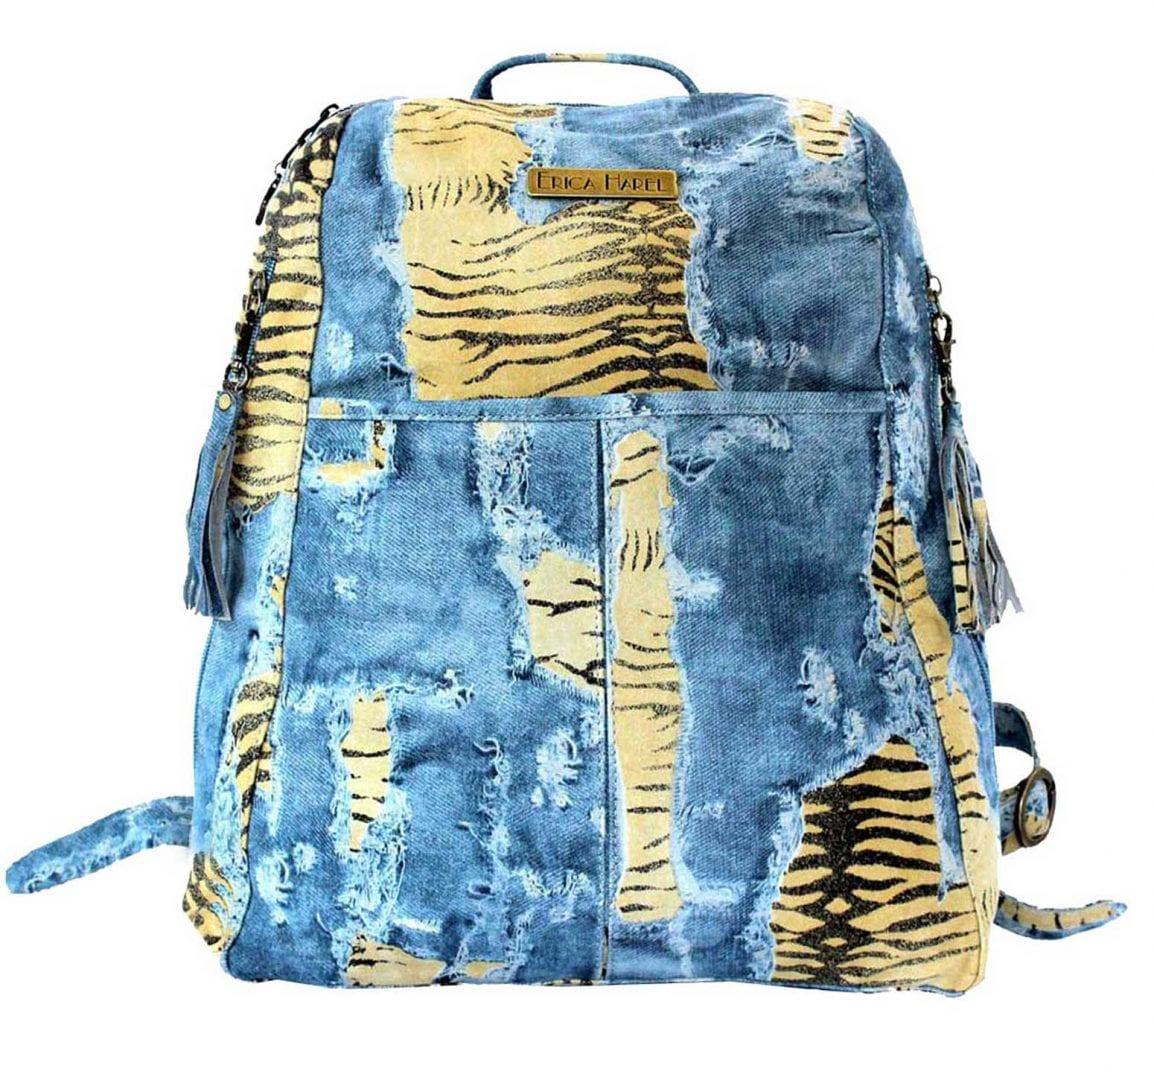 distressed jeans designer leather backpack